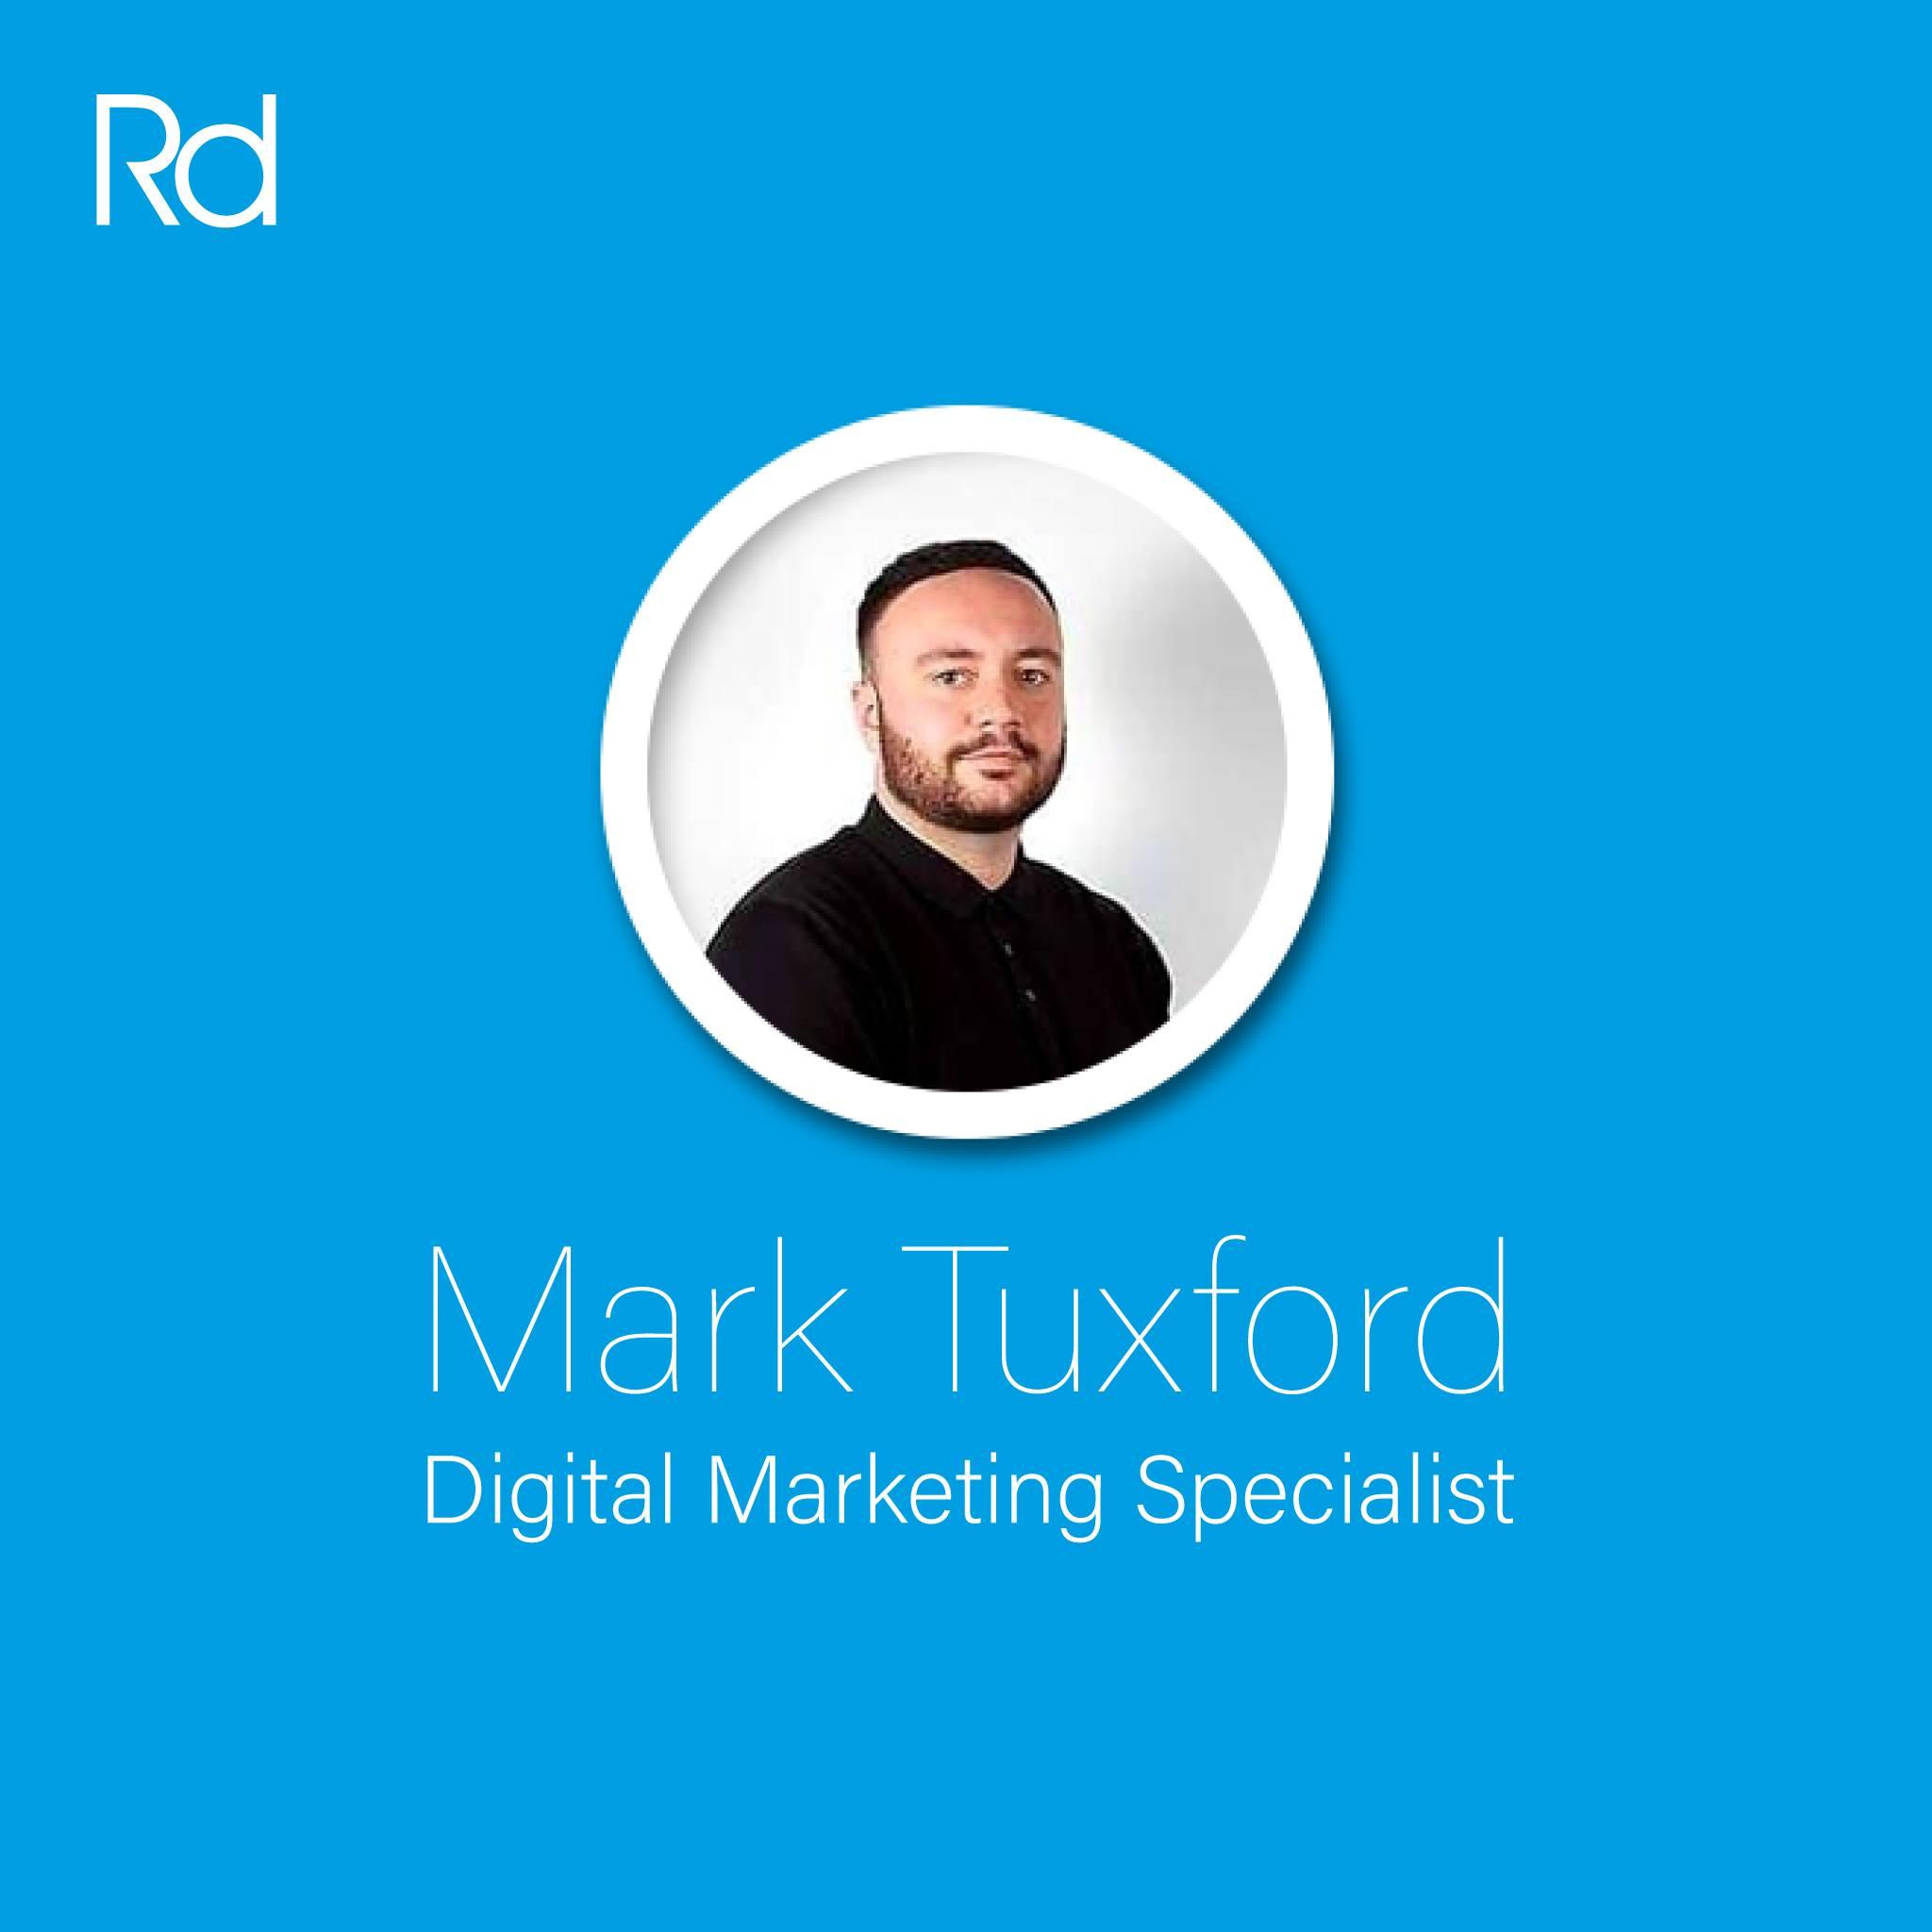 Mark Tuxford - Digital Marketing Specialist - Rd Design - Colchester, Essex.jpg